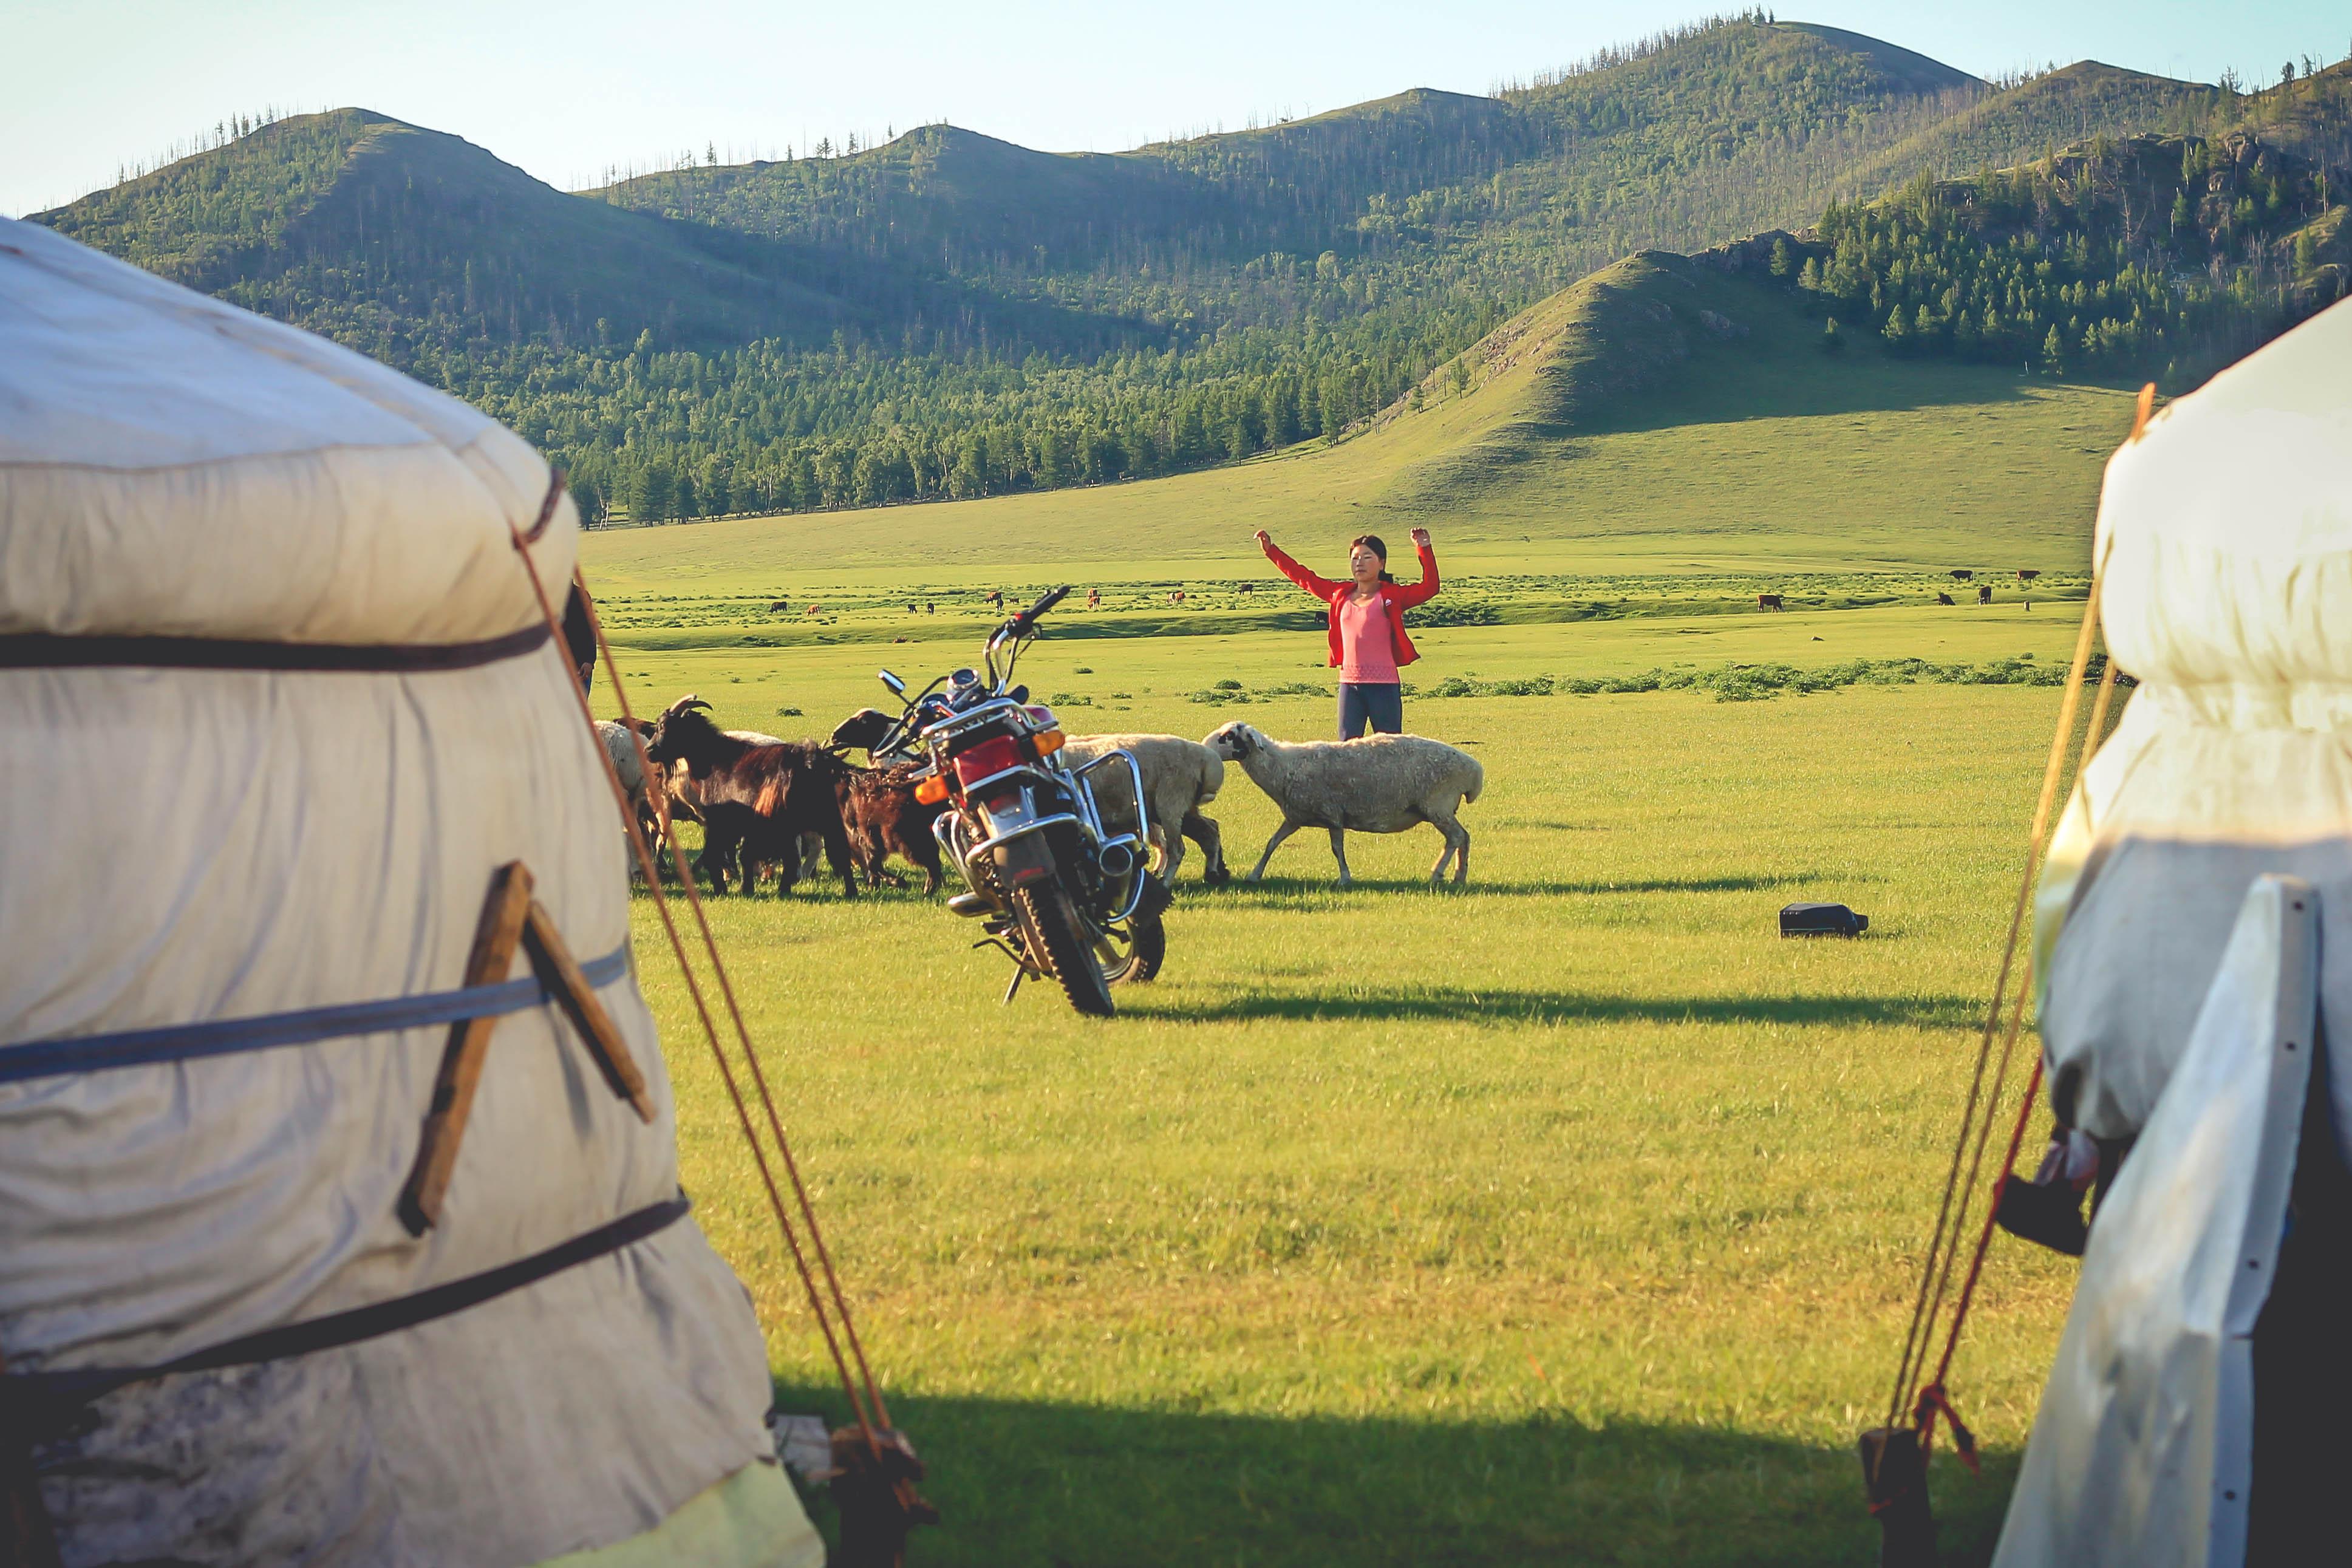 Mongolia podróż praktyczne informacje ciekawe miejsca przewodnik